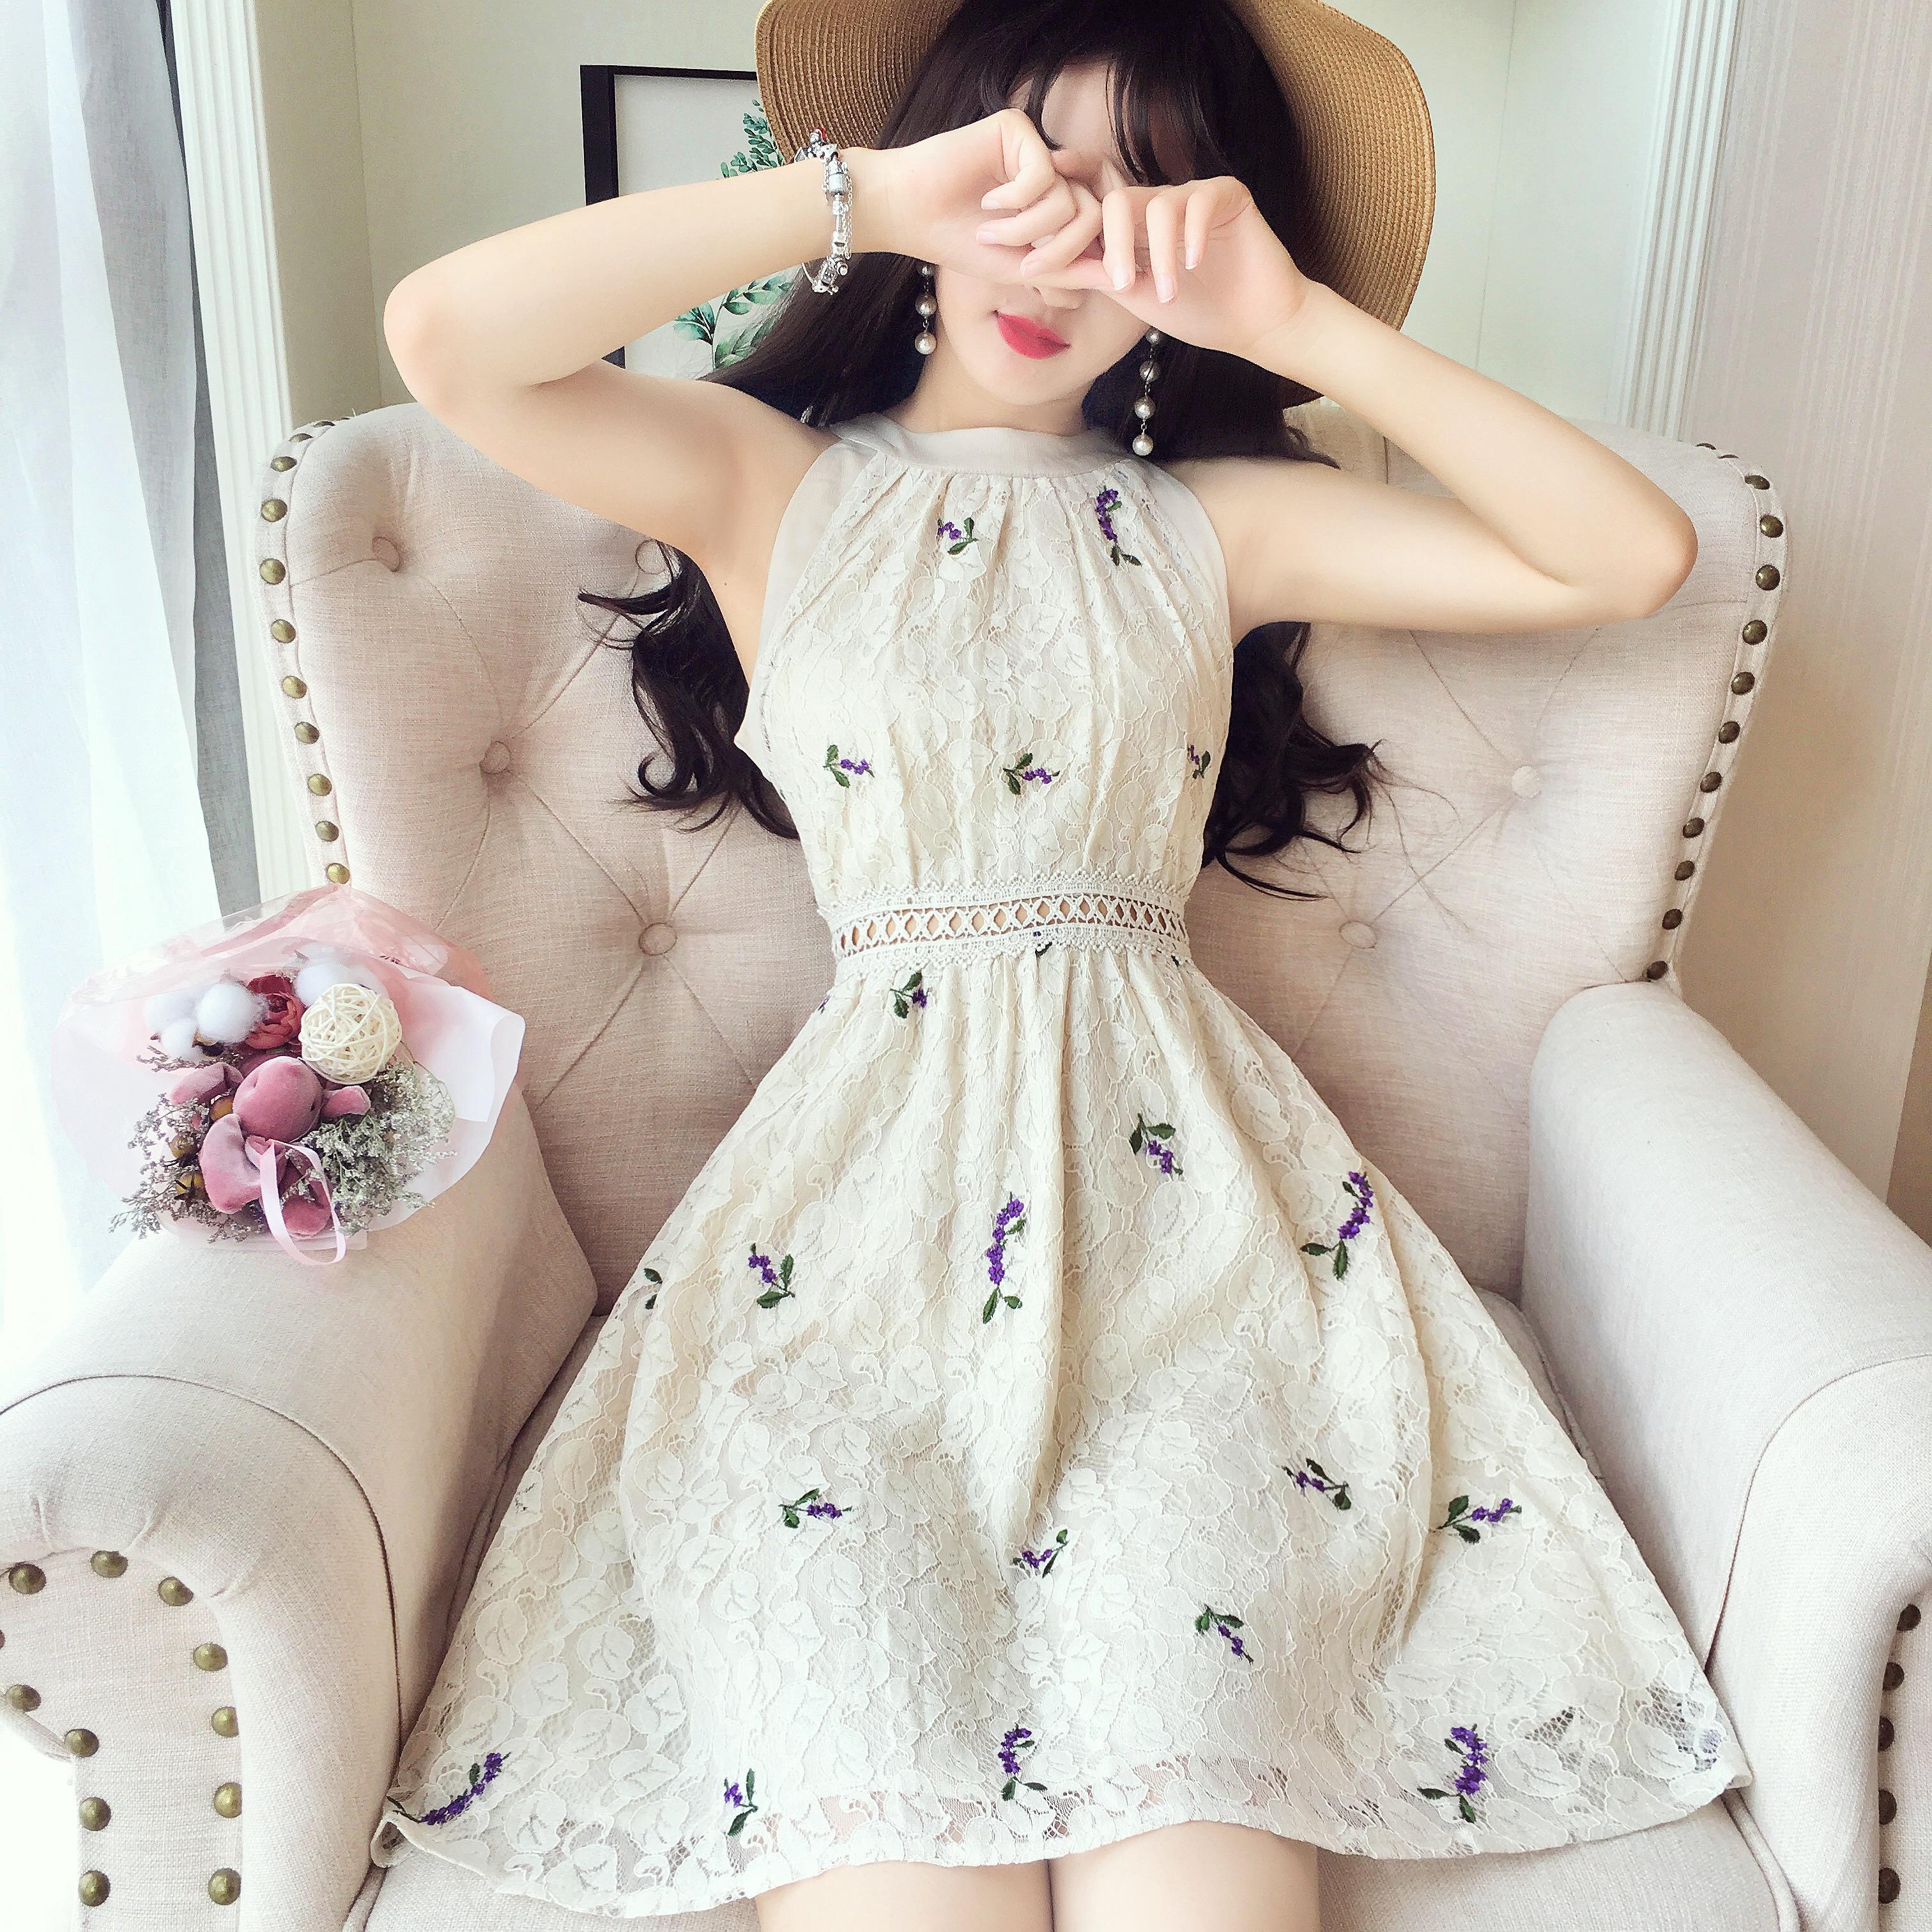 韩国名媛风无袖刺绣花朵高腰蕾丝收腰连衣裙chic温柔仙女裙夏新款